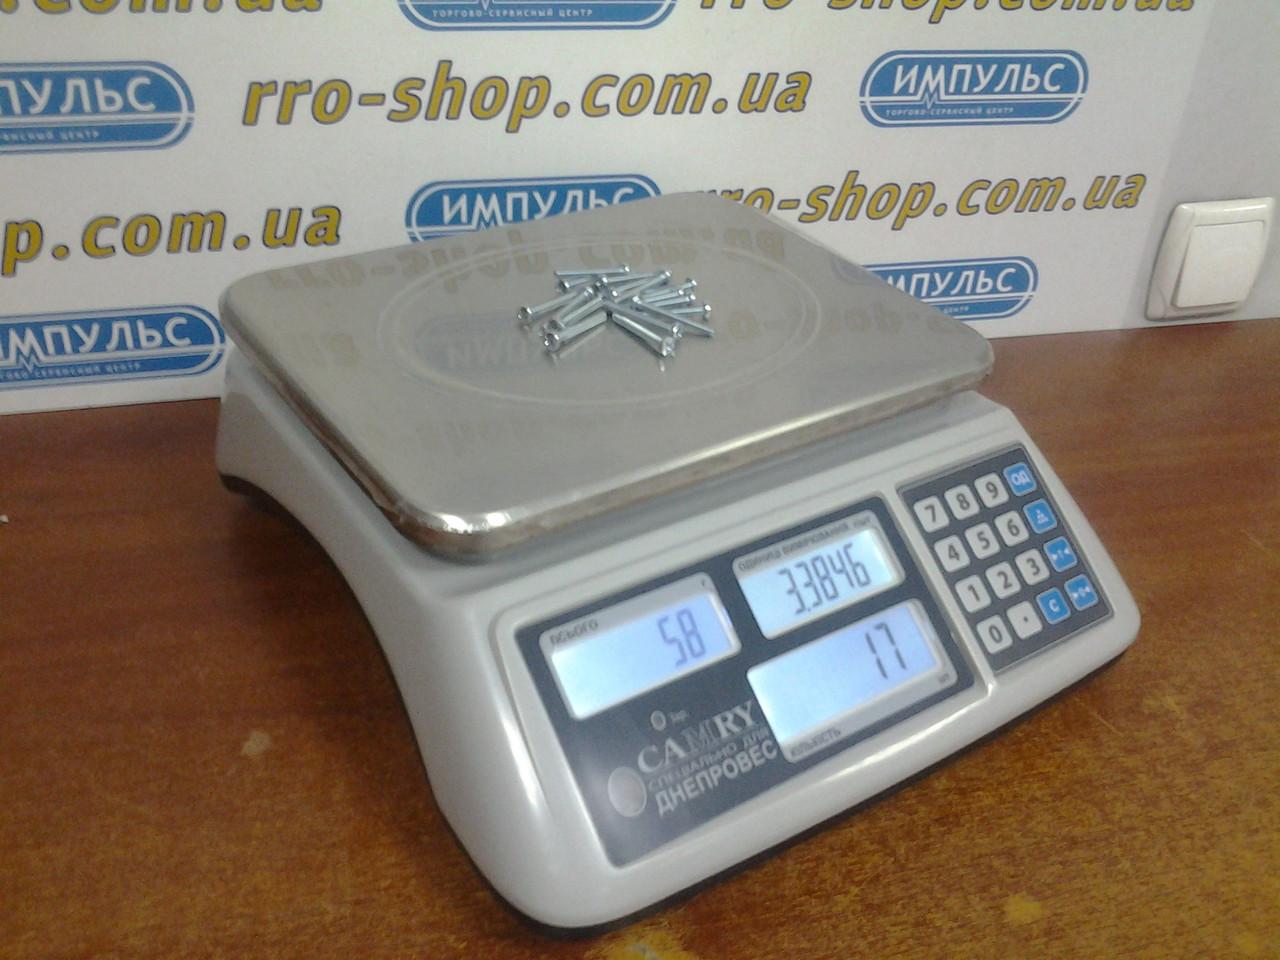 Весы счетные Днепровес ВТД-ССЧ (3 кг, 6 кг, 15 кг, 30 кг)